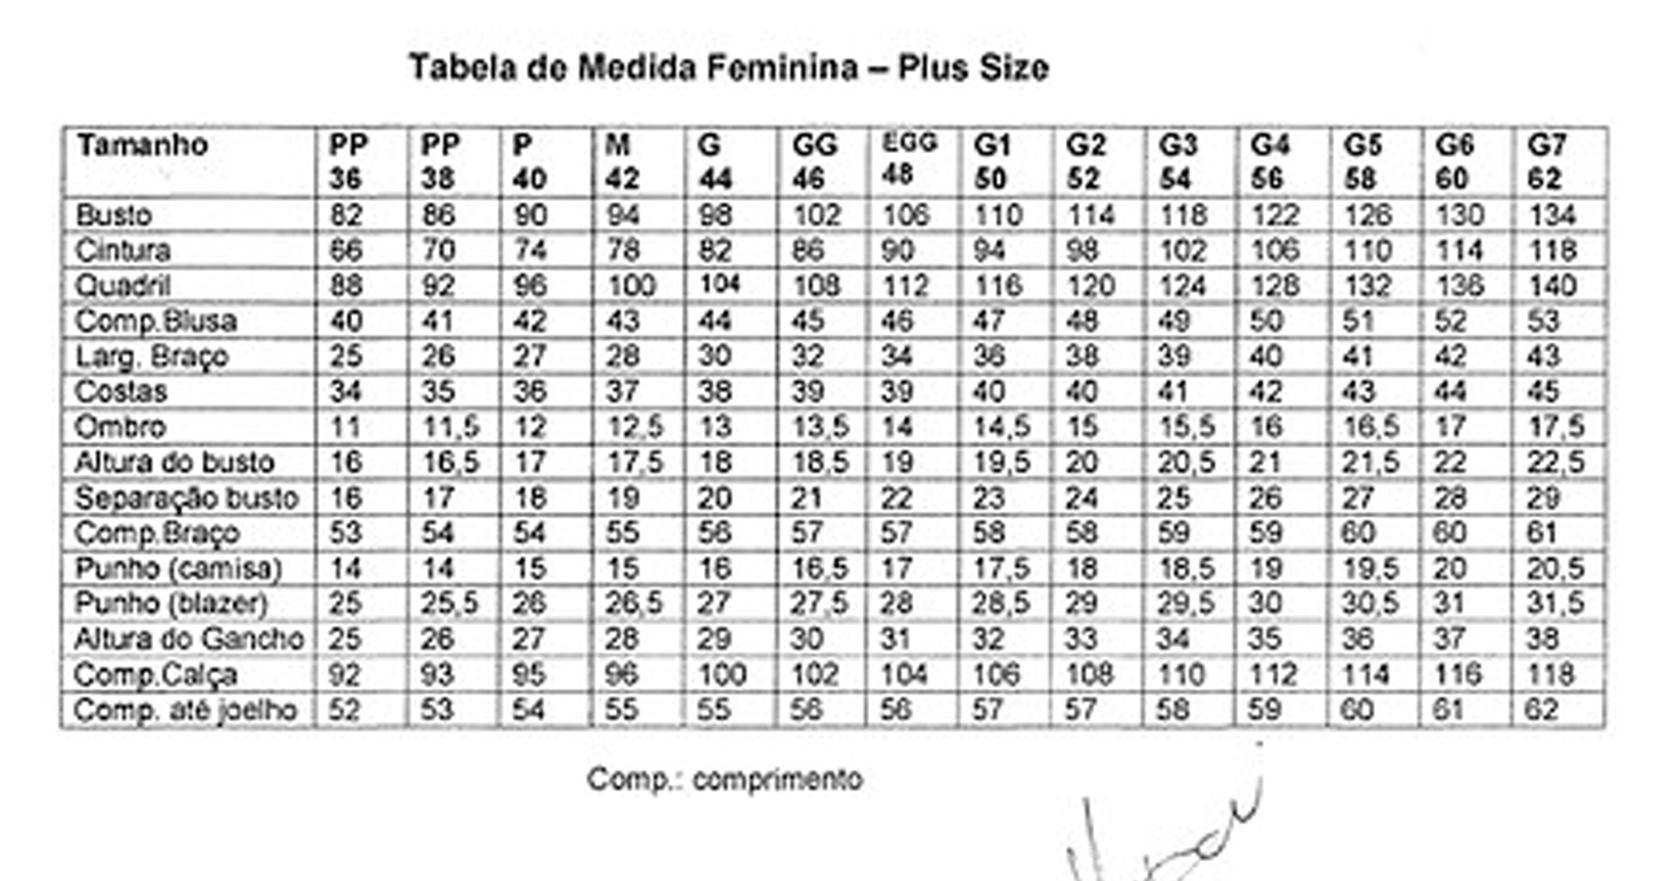 Португальские размеры выкроек